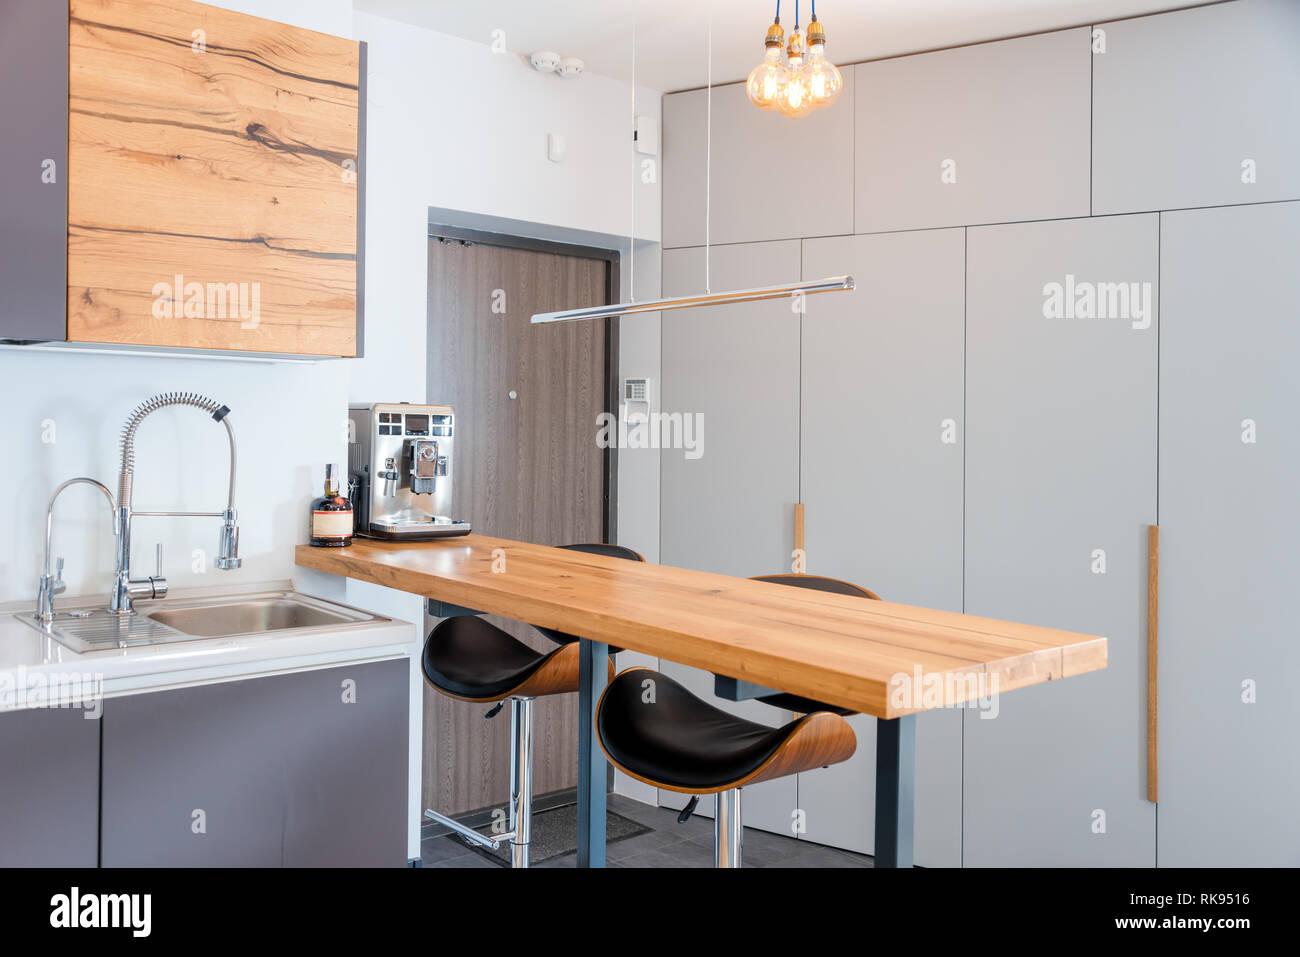 Cucina moderna con interni con luci accese brown tavolo in legno